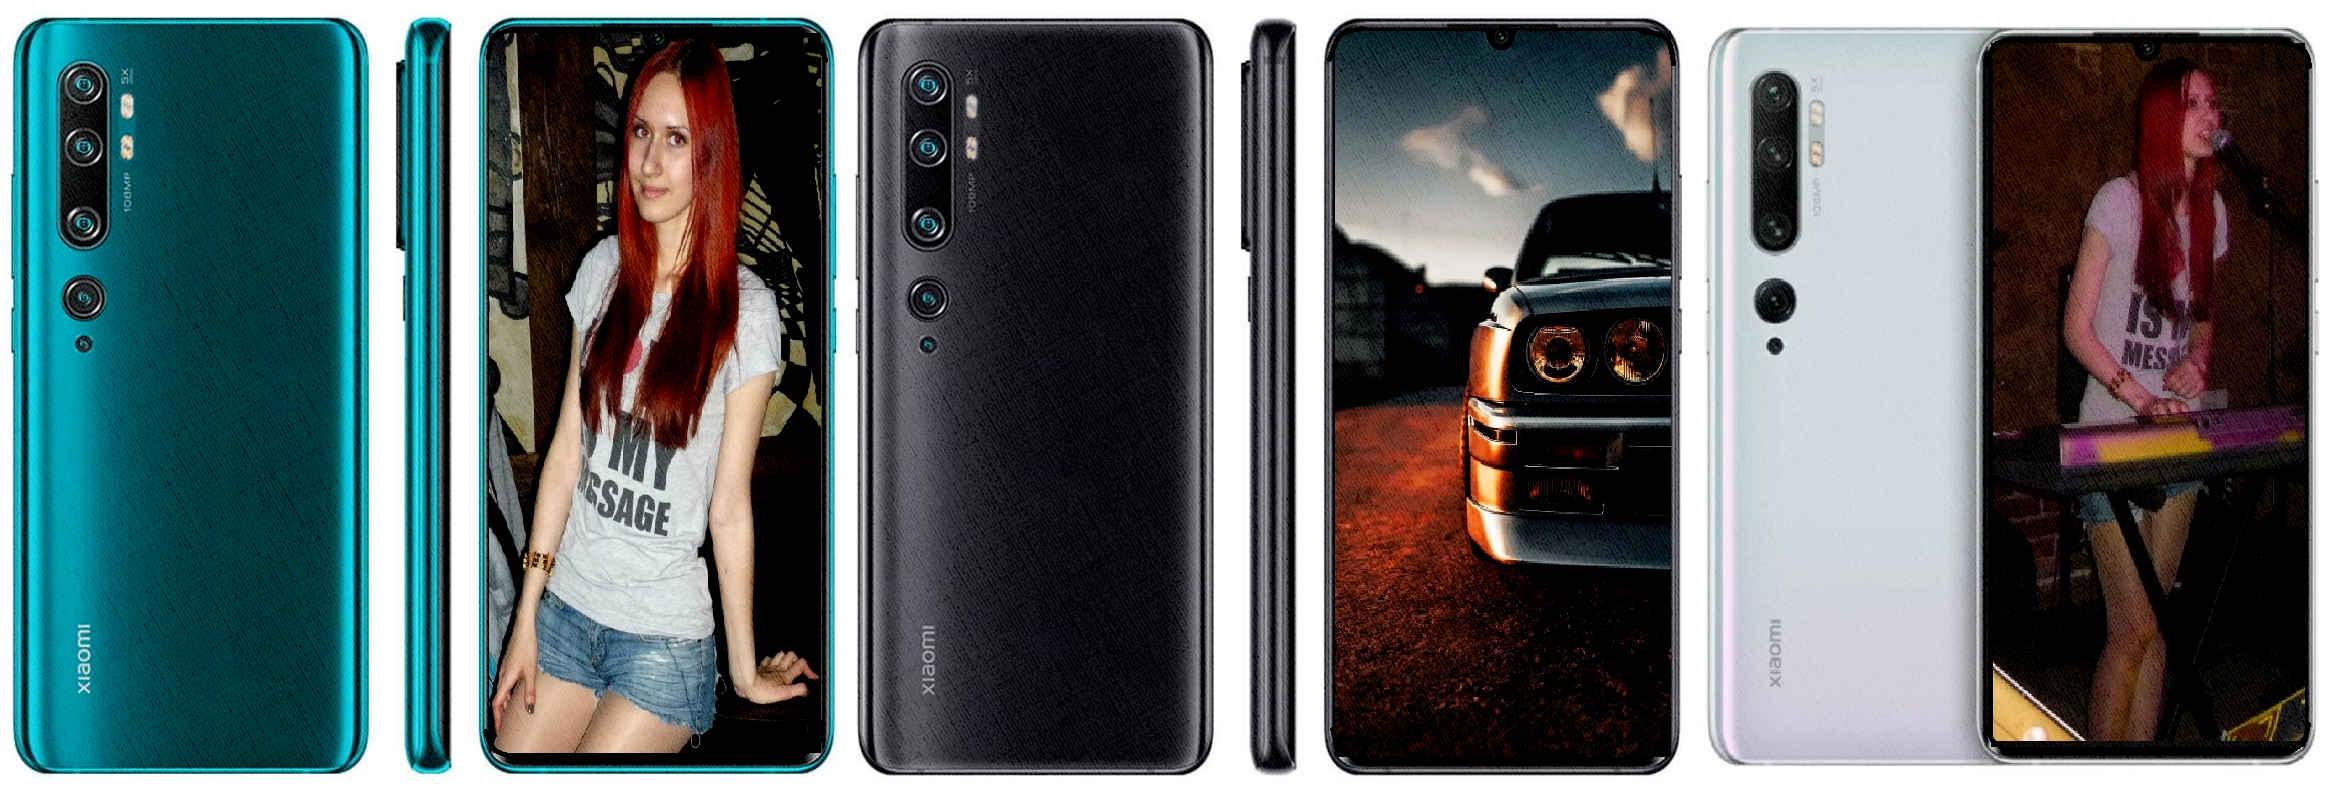 Xiaomi Mi Note 10 - самый лучший в 2020 году